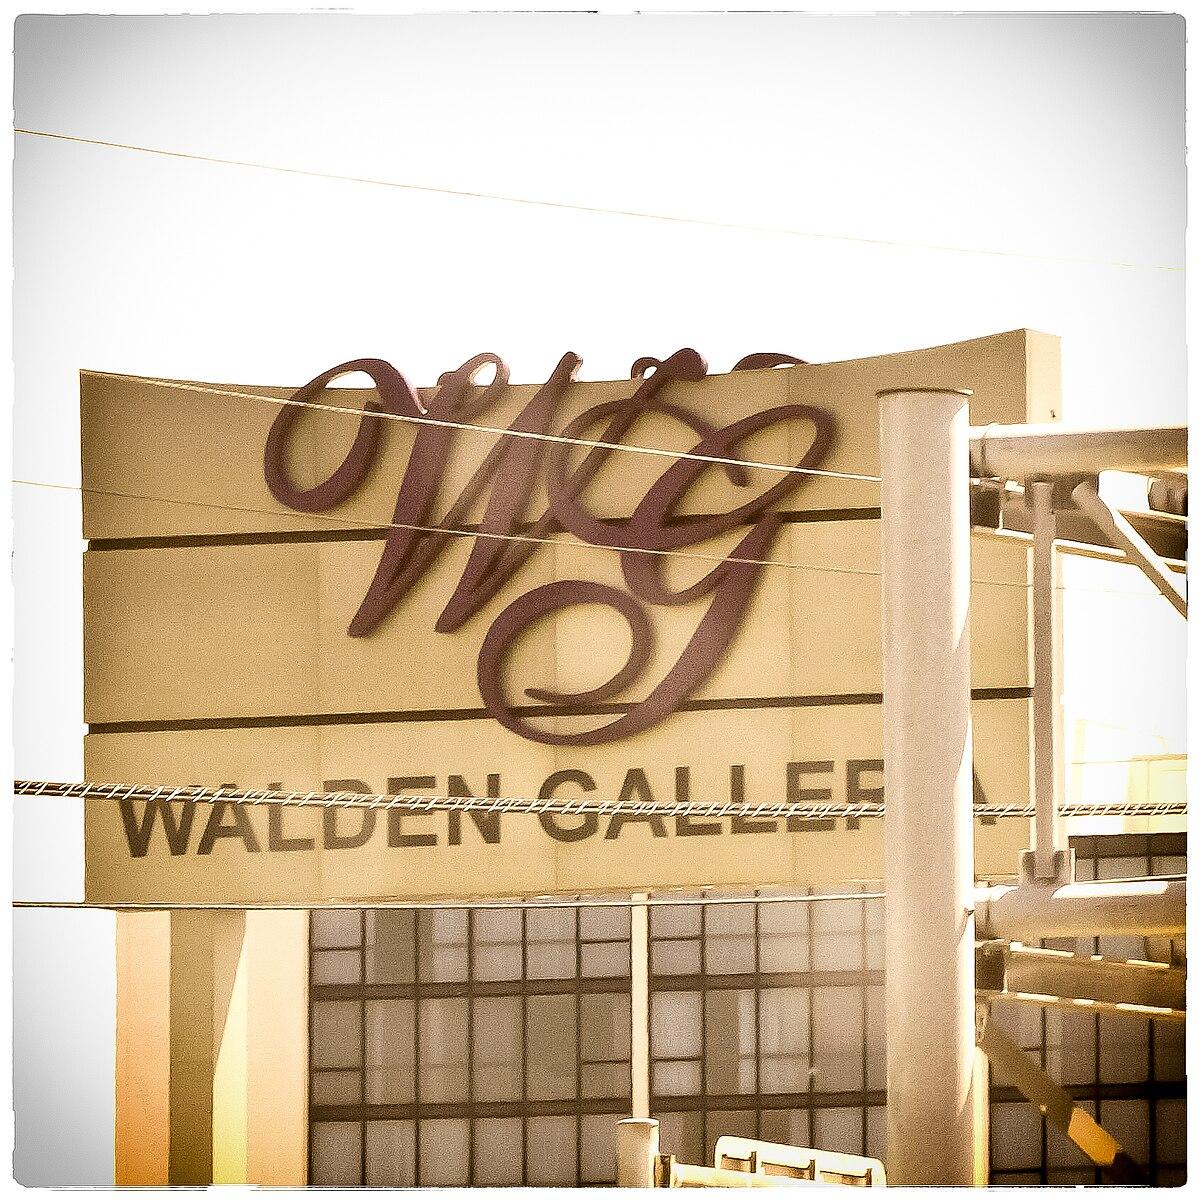 Walden Galleria - Wikipedia